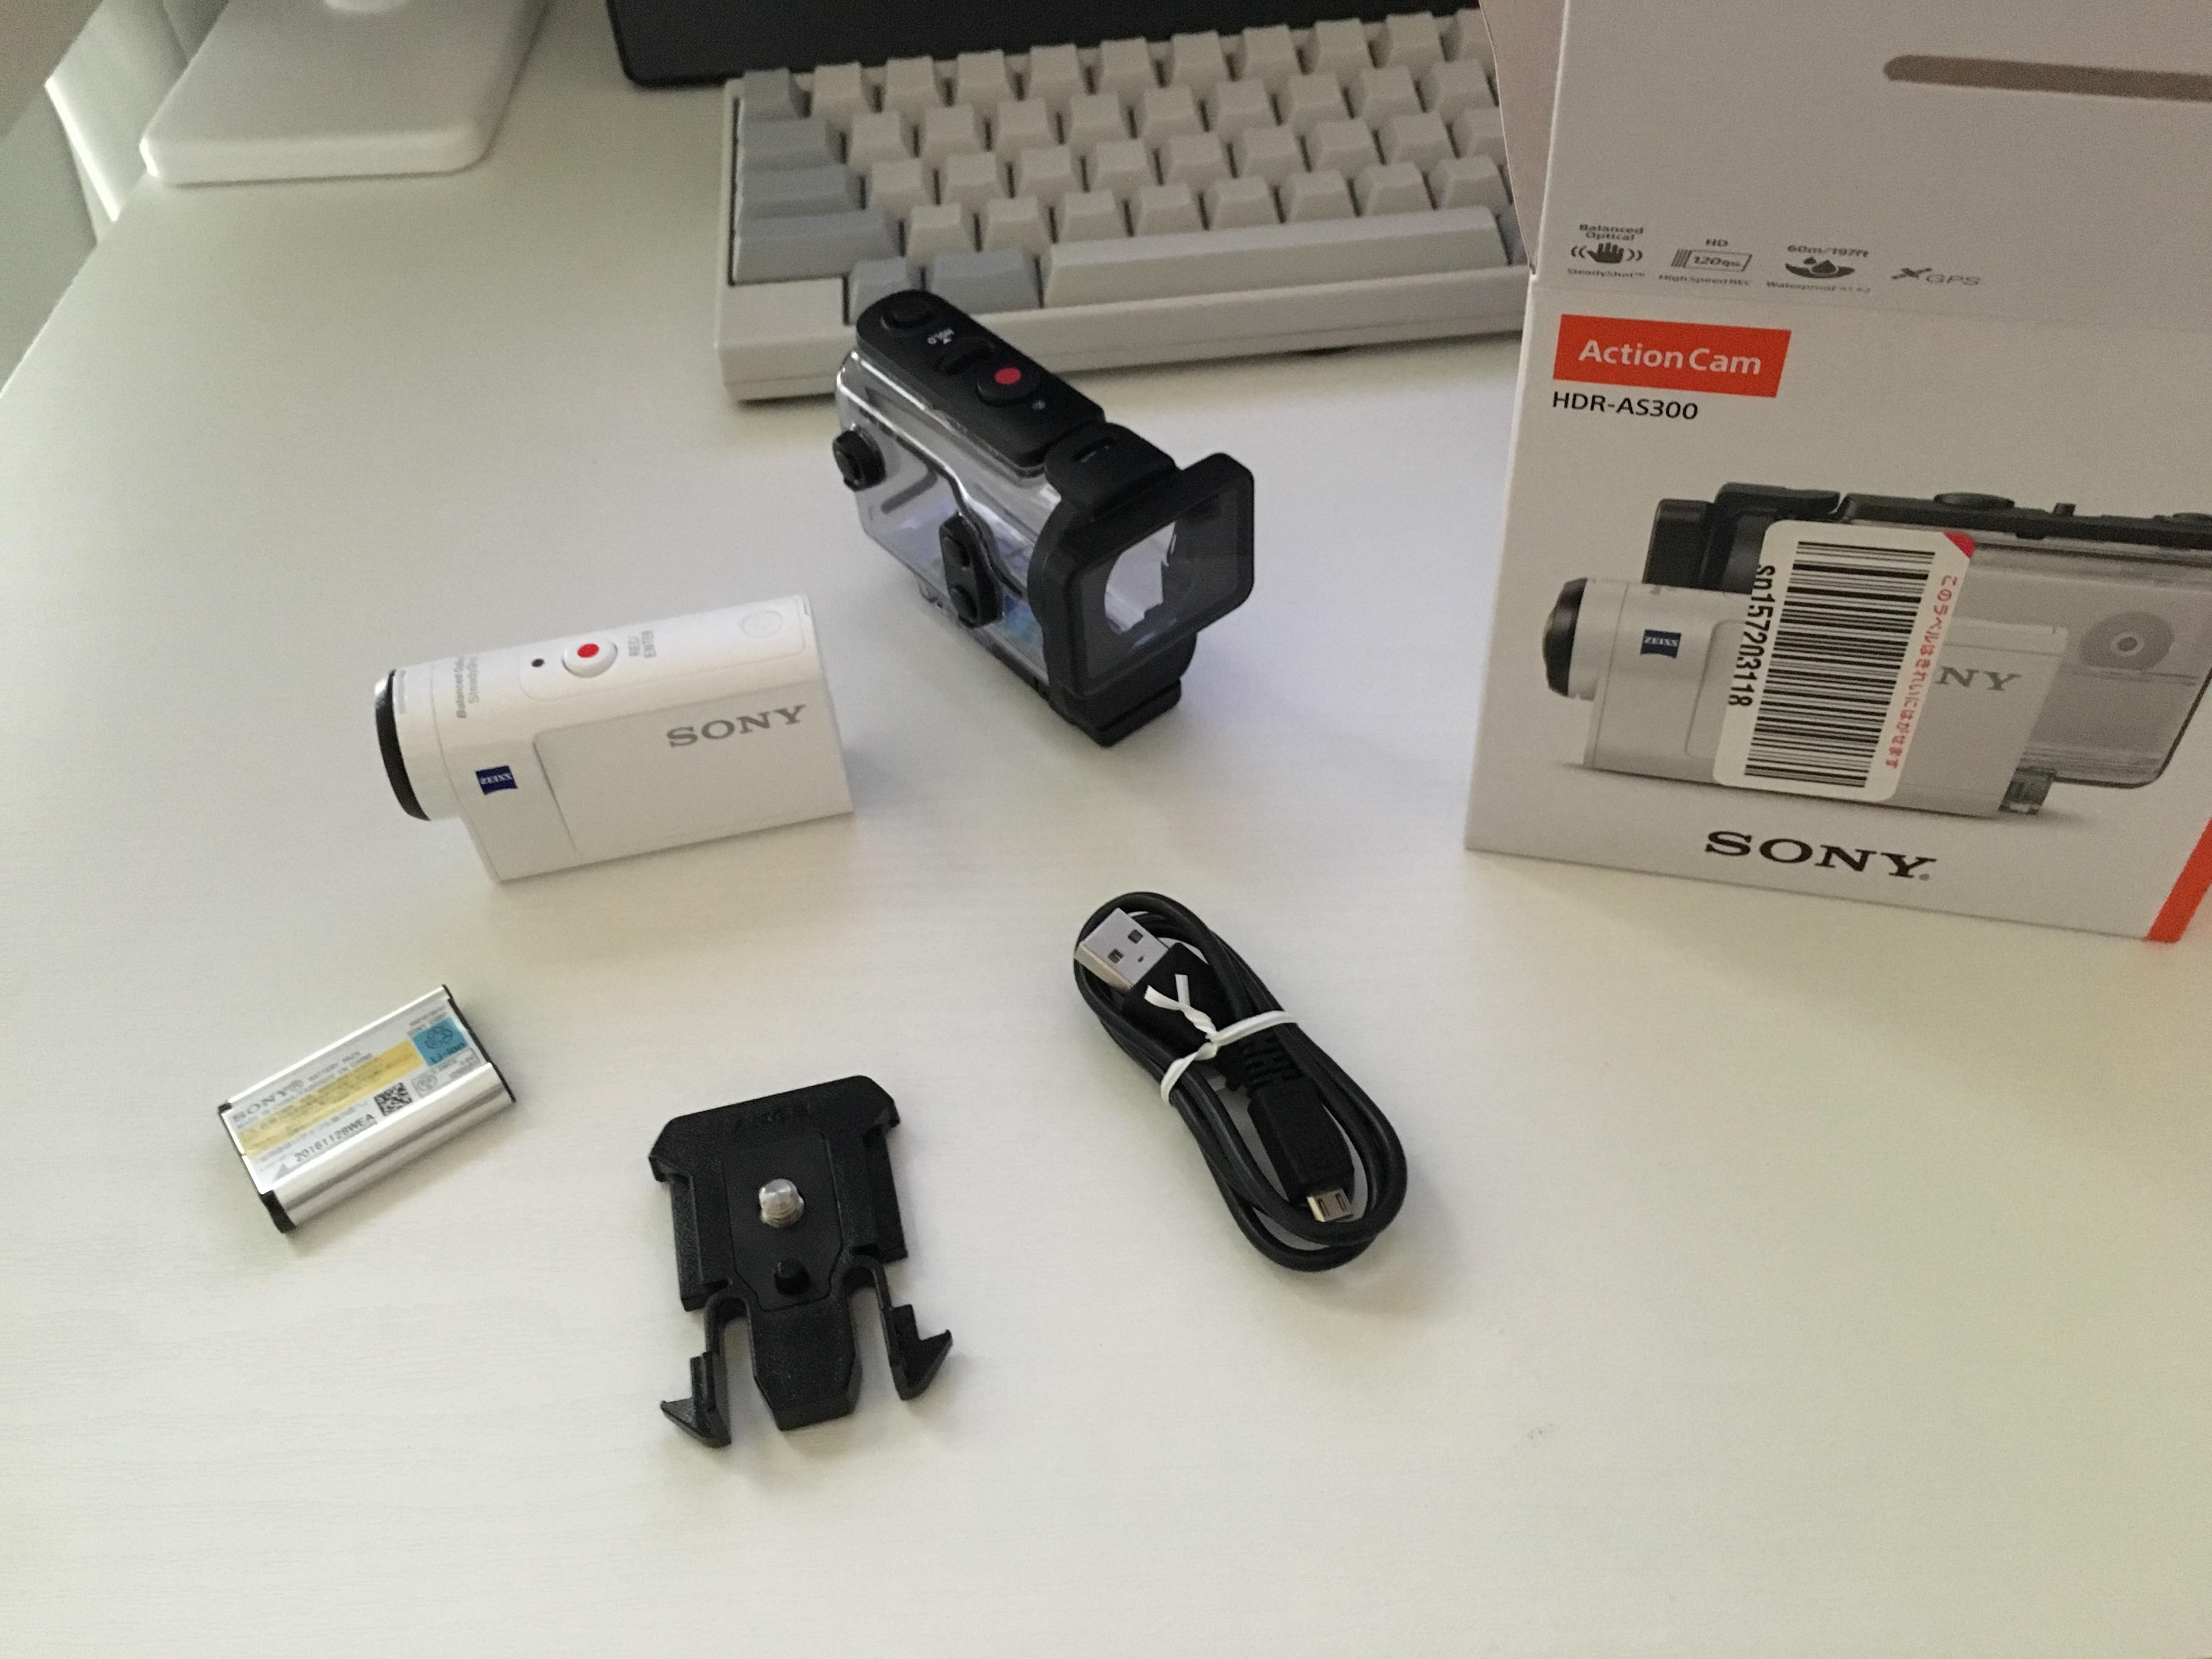 本体と、防水ハウジング、バッテリー、USB専用ケーブル、マウント類を取り付けるブラケット